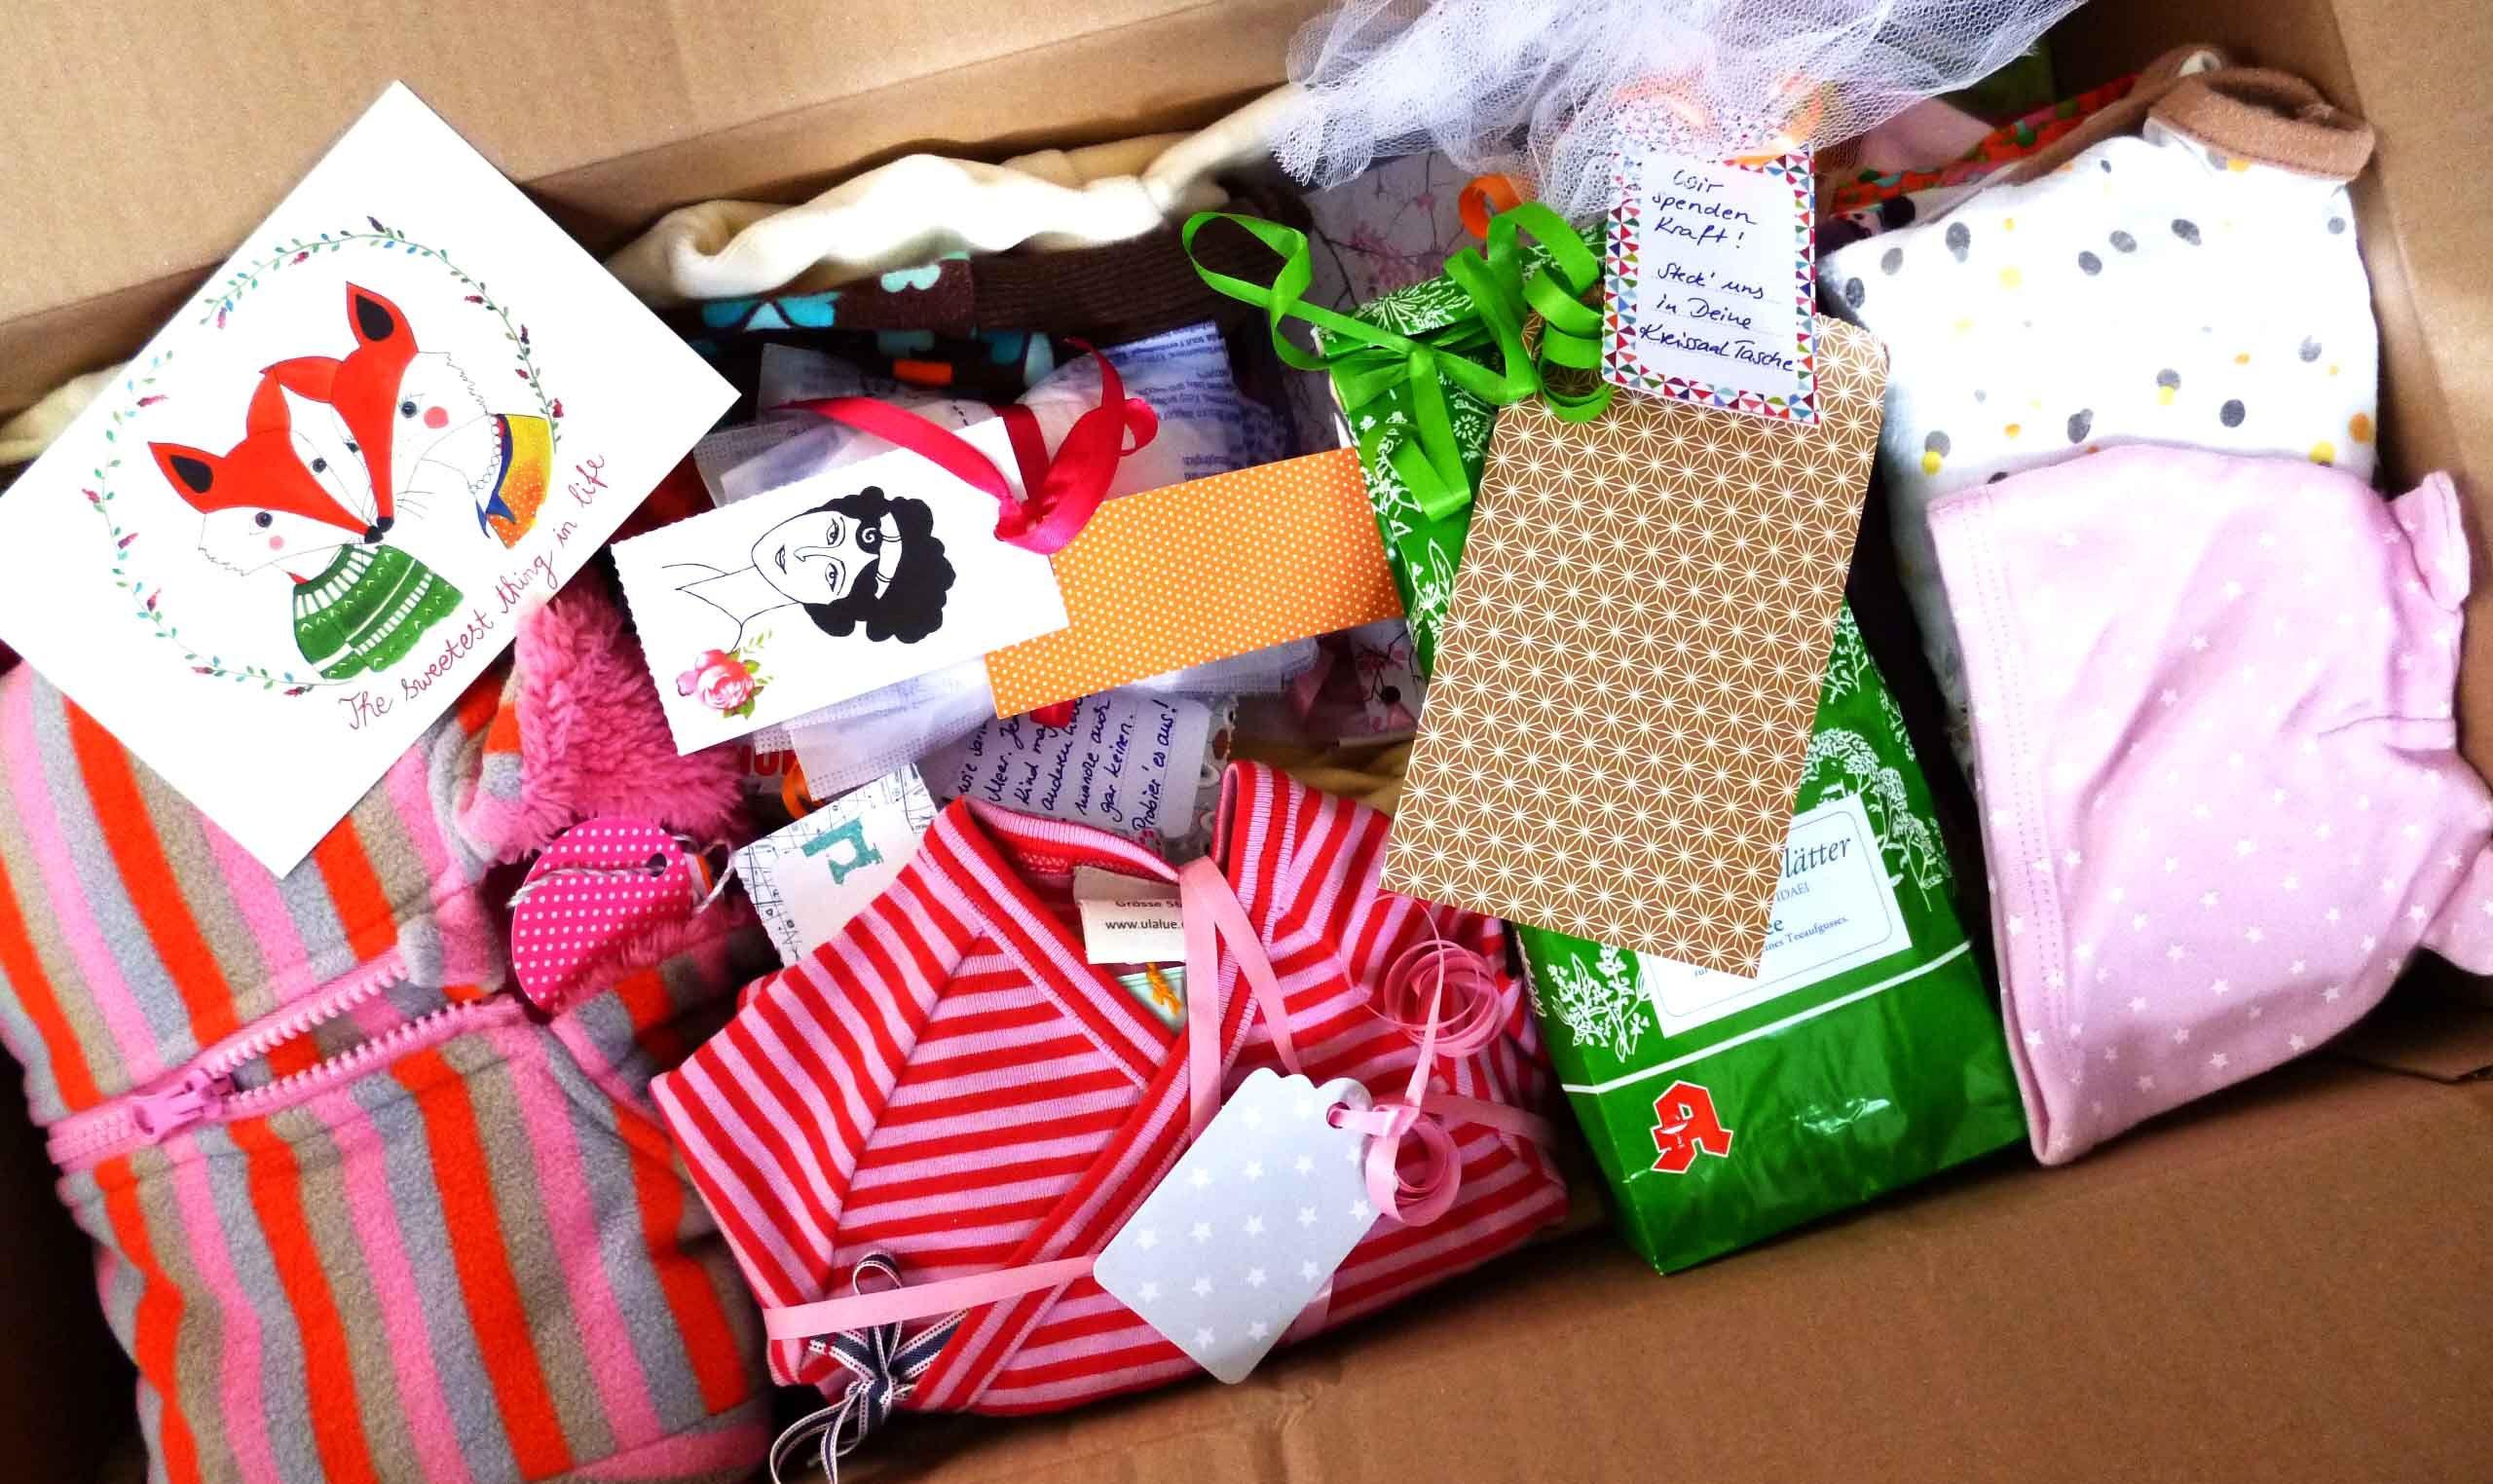 Geschenke Für Schwangere  Schöne und praktische Kleinigkeiten für schwangere